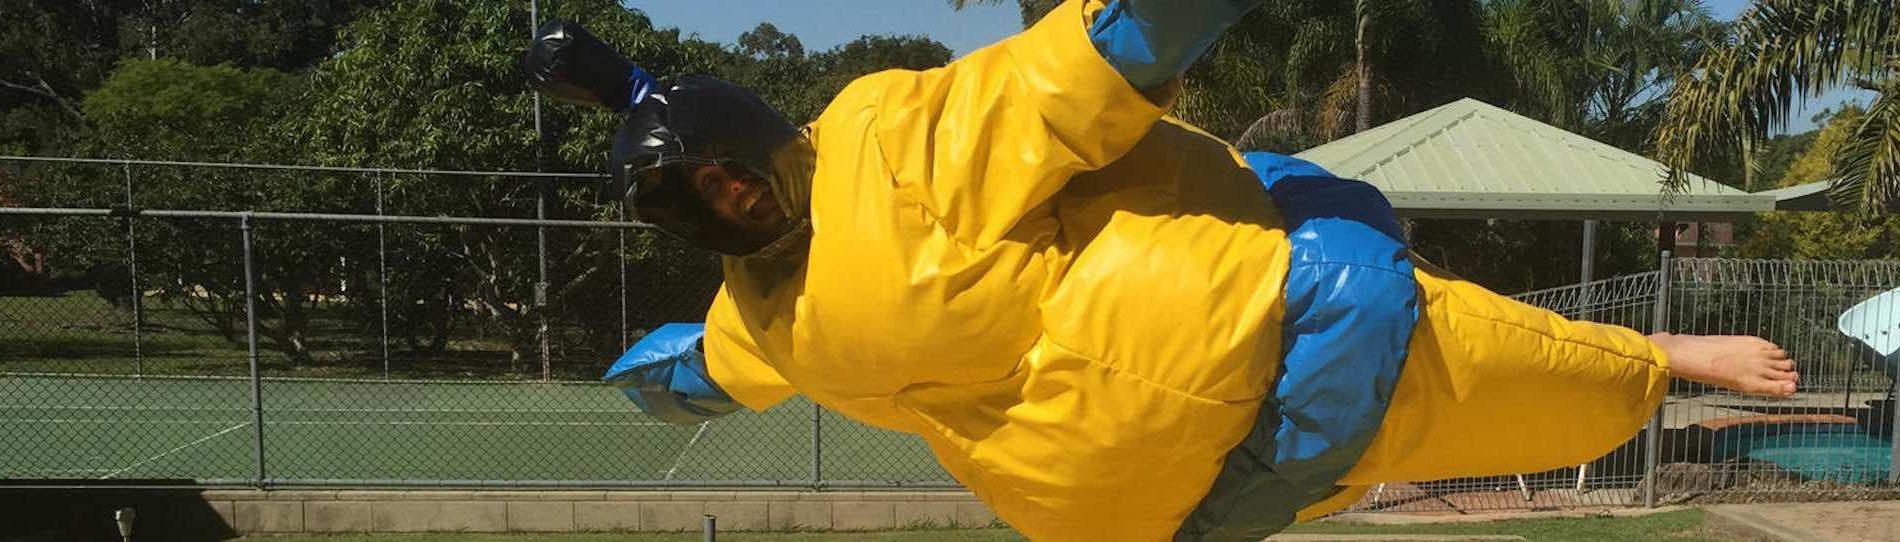 sumo suit hire sydney